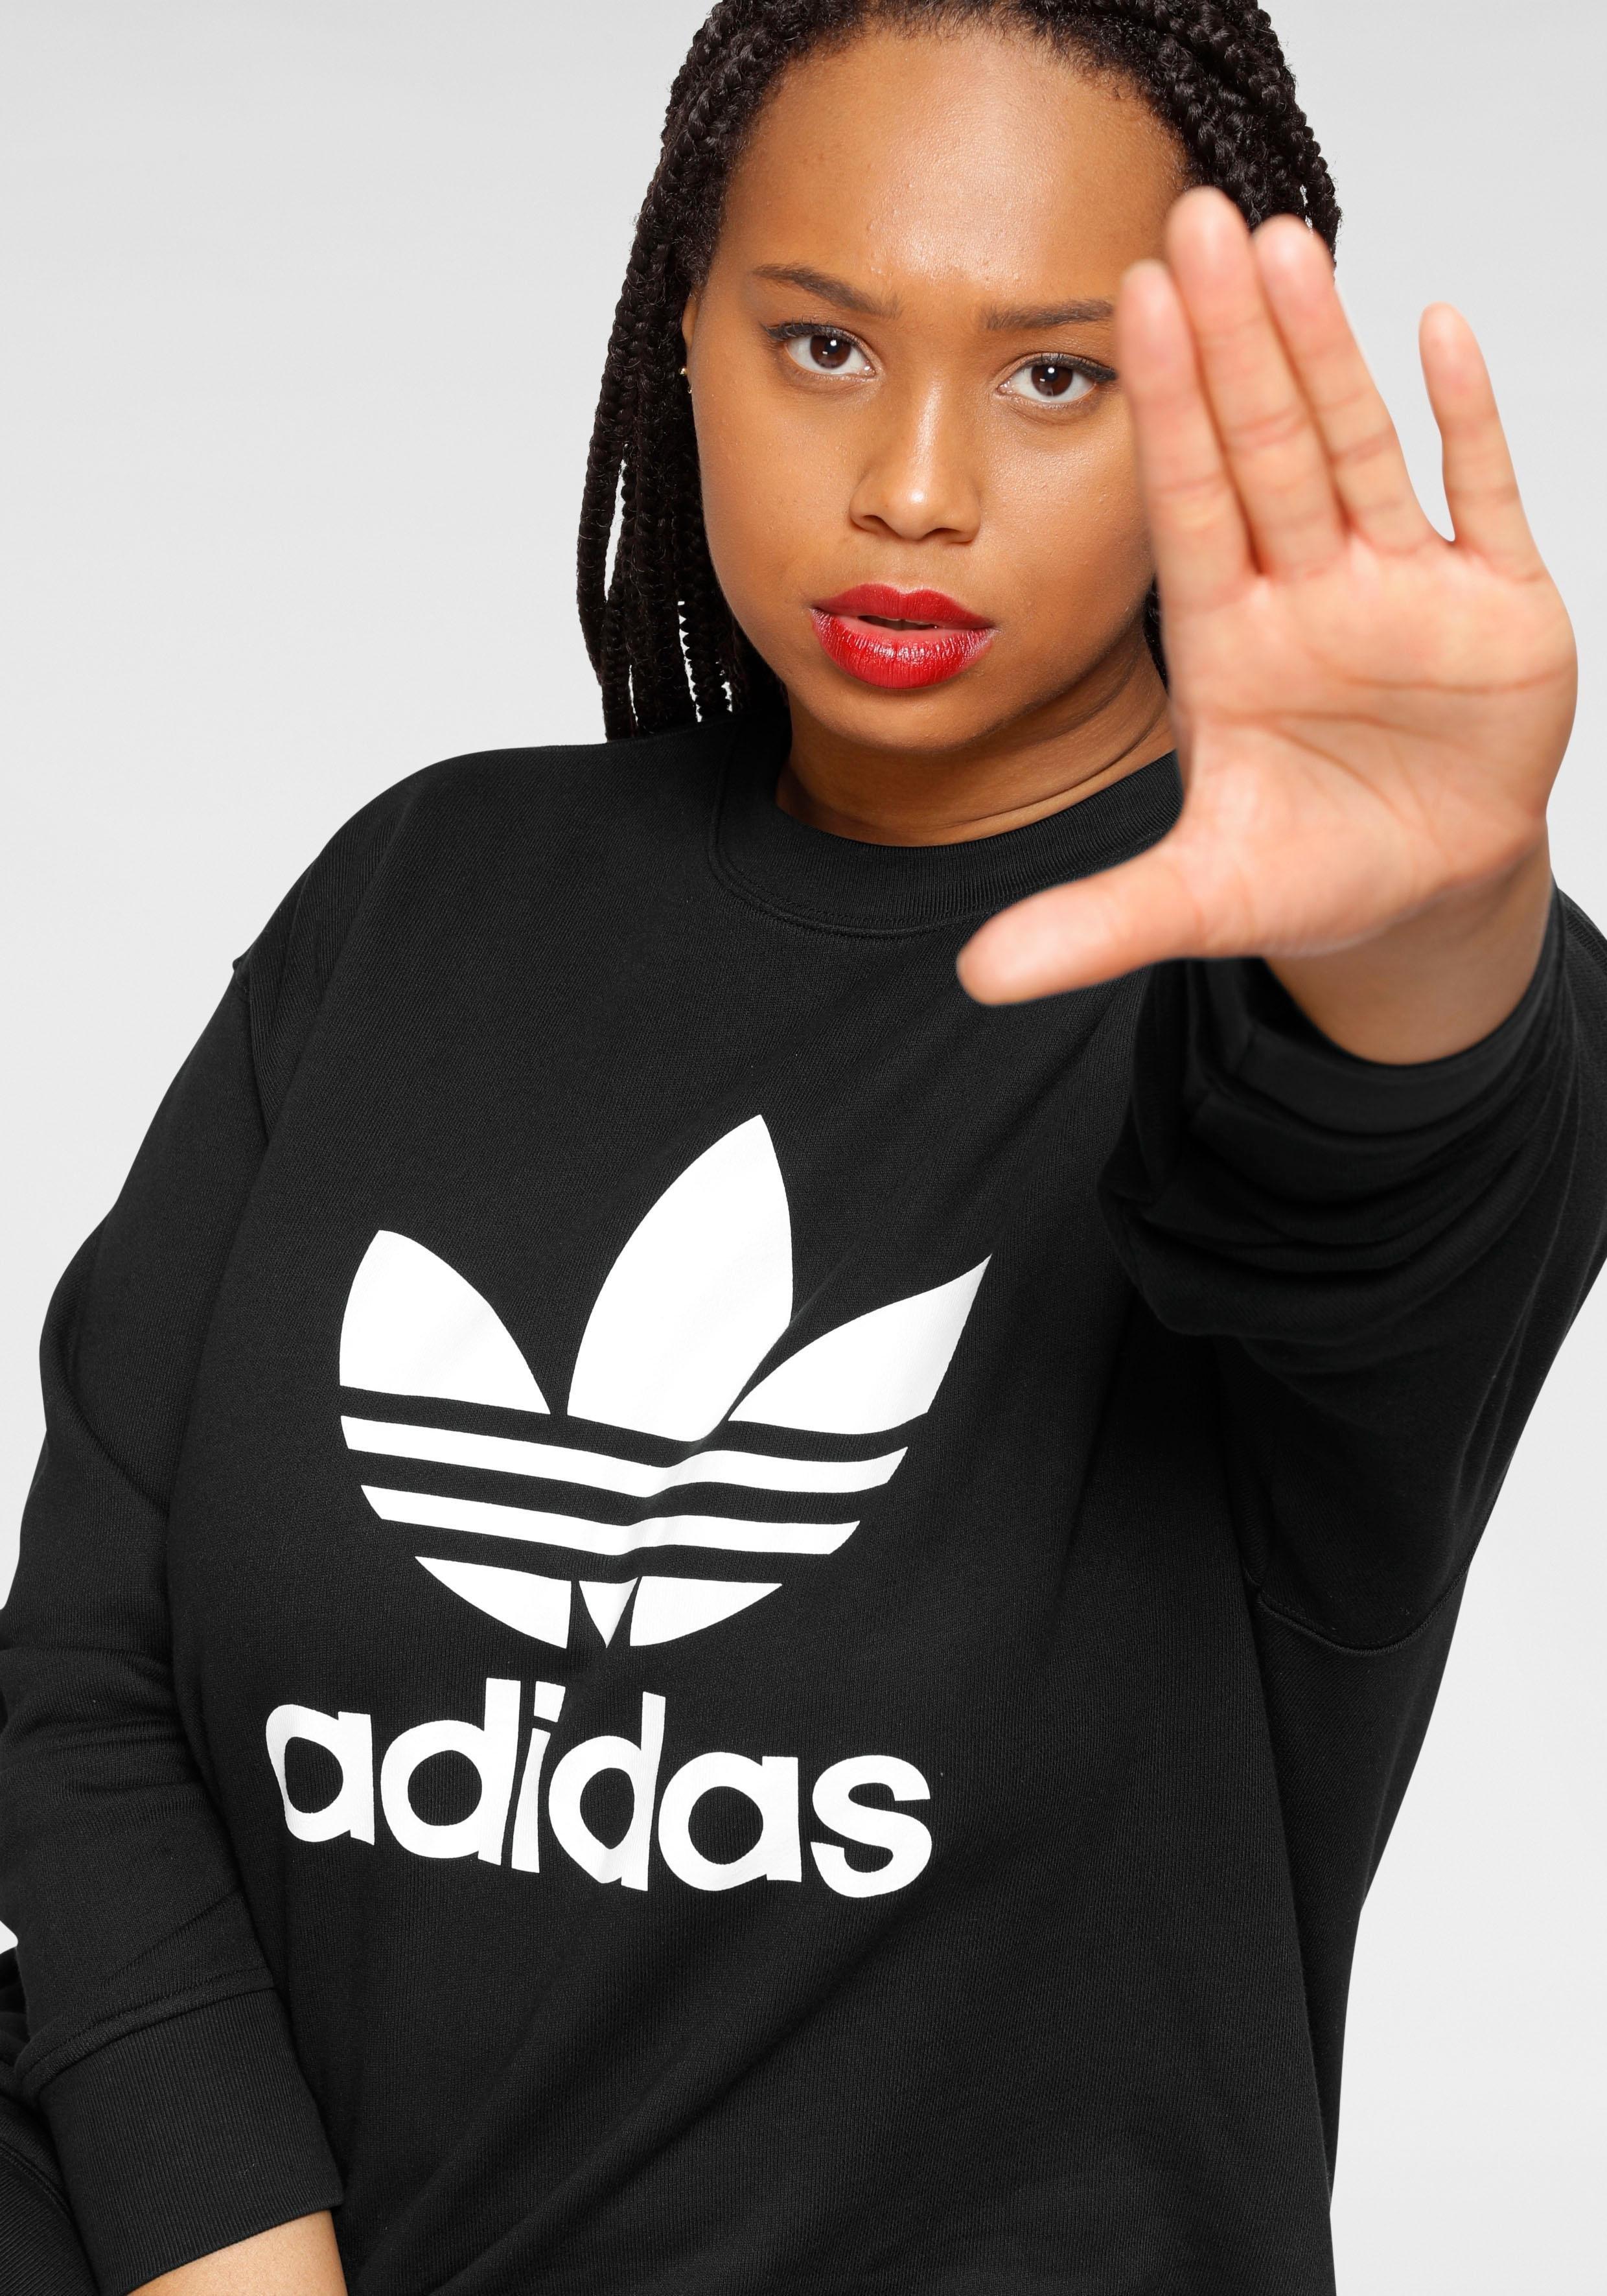 adidas Originals sweatshirt TREFOIL SWEATSHIRT - GROTE MATEN voordelig en veilig online kopen